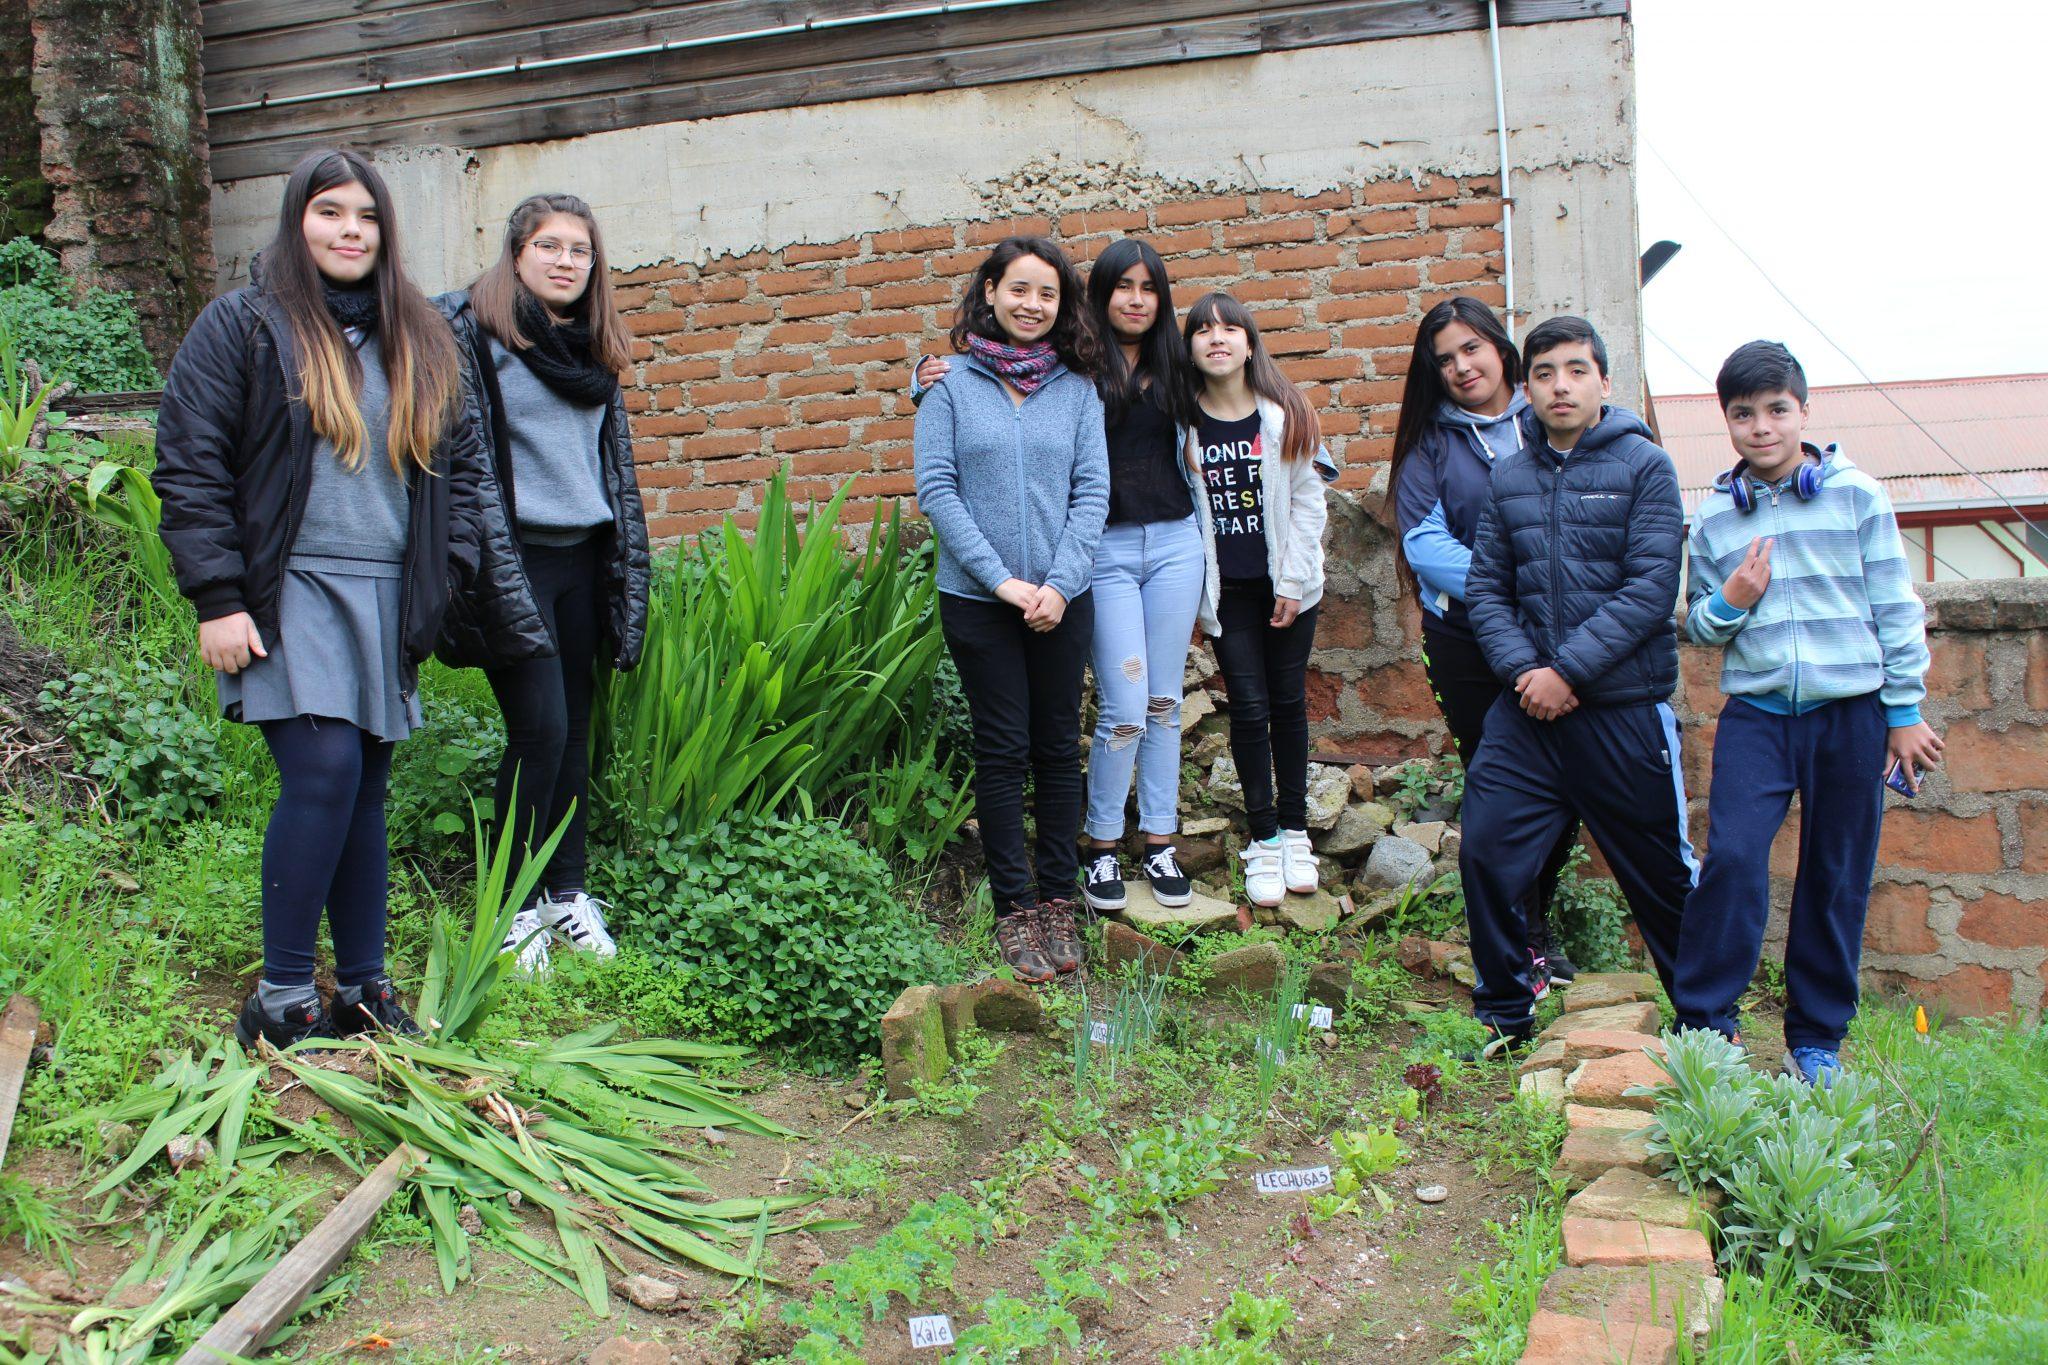 El reciclaje como una de las soluciones para enfrentar el problema de la basura: la convicción de los estudiantes del liceo Santa Teresa de Valparaíso